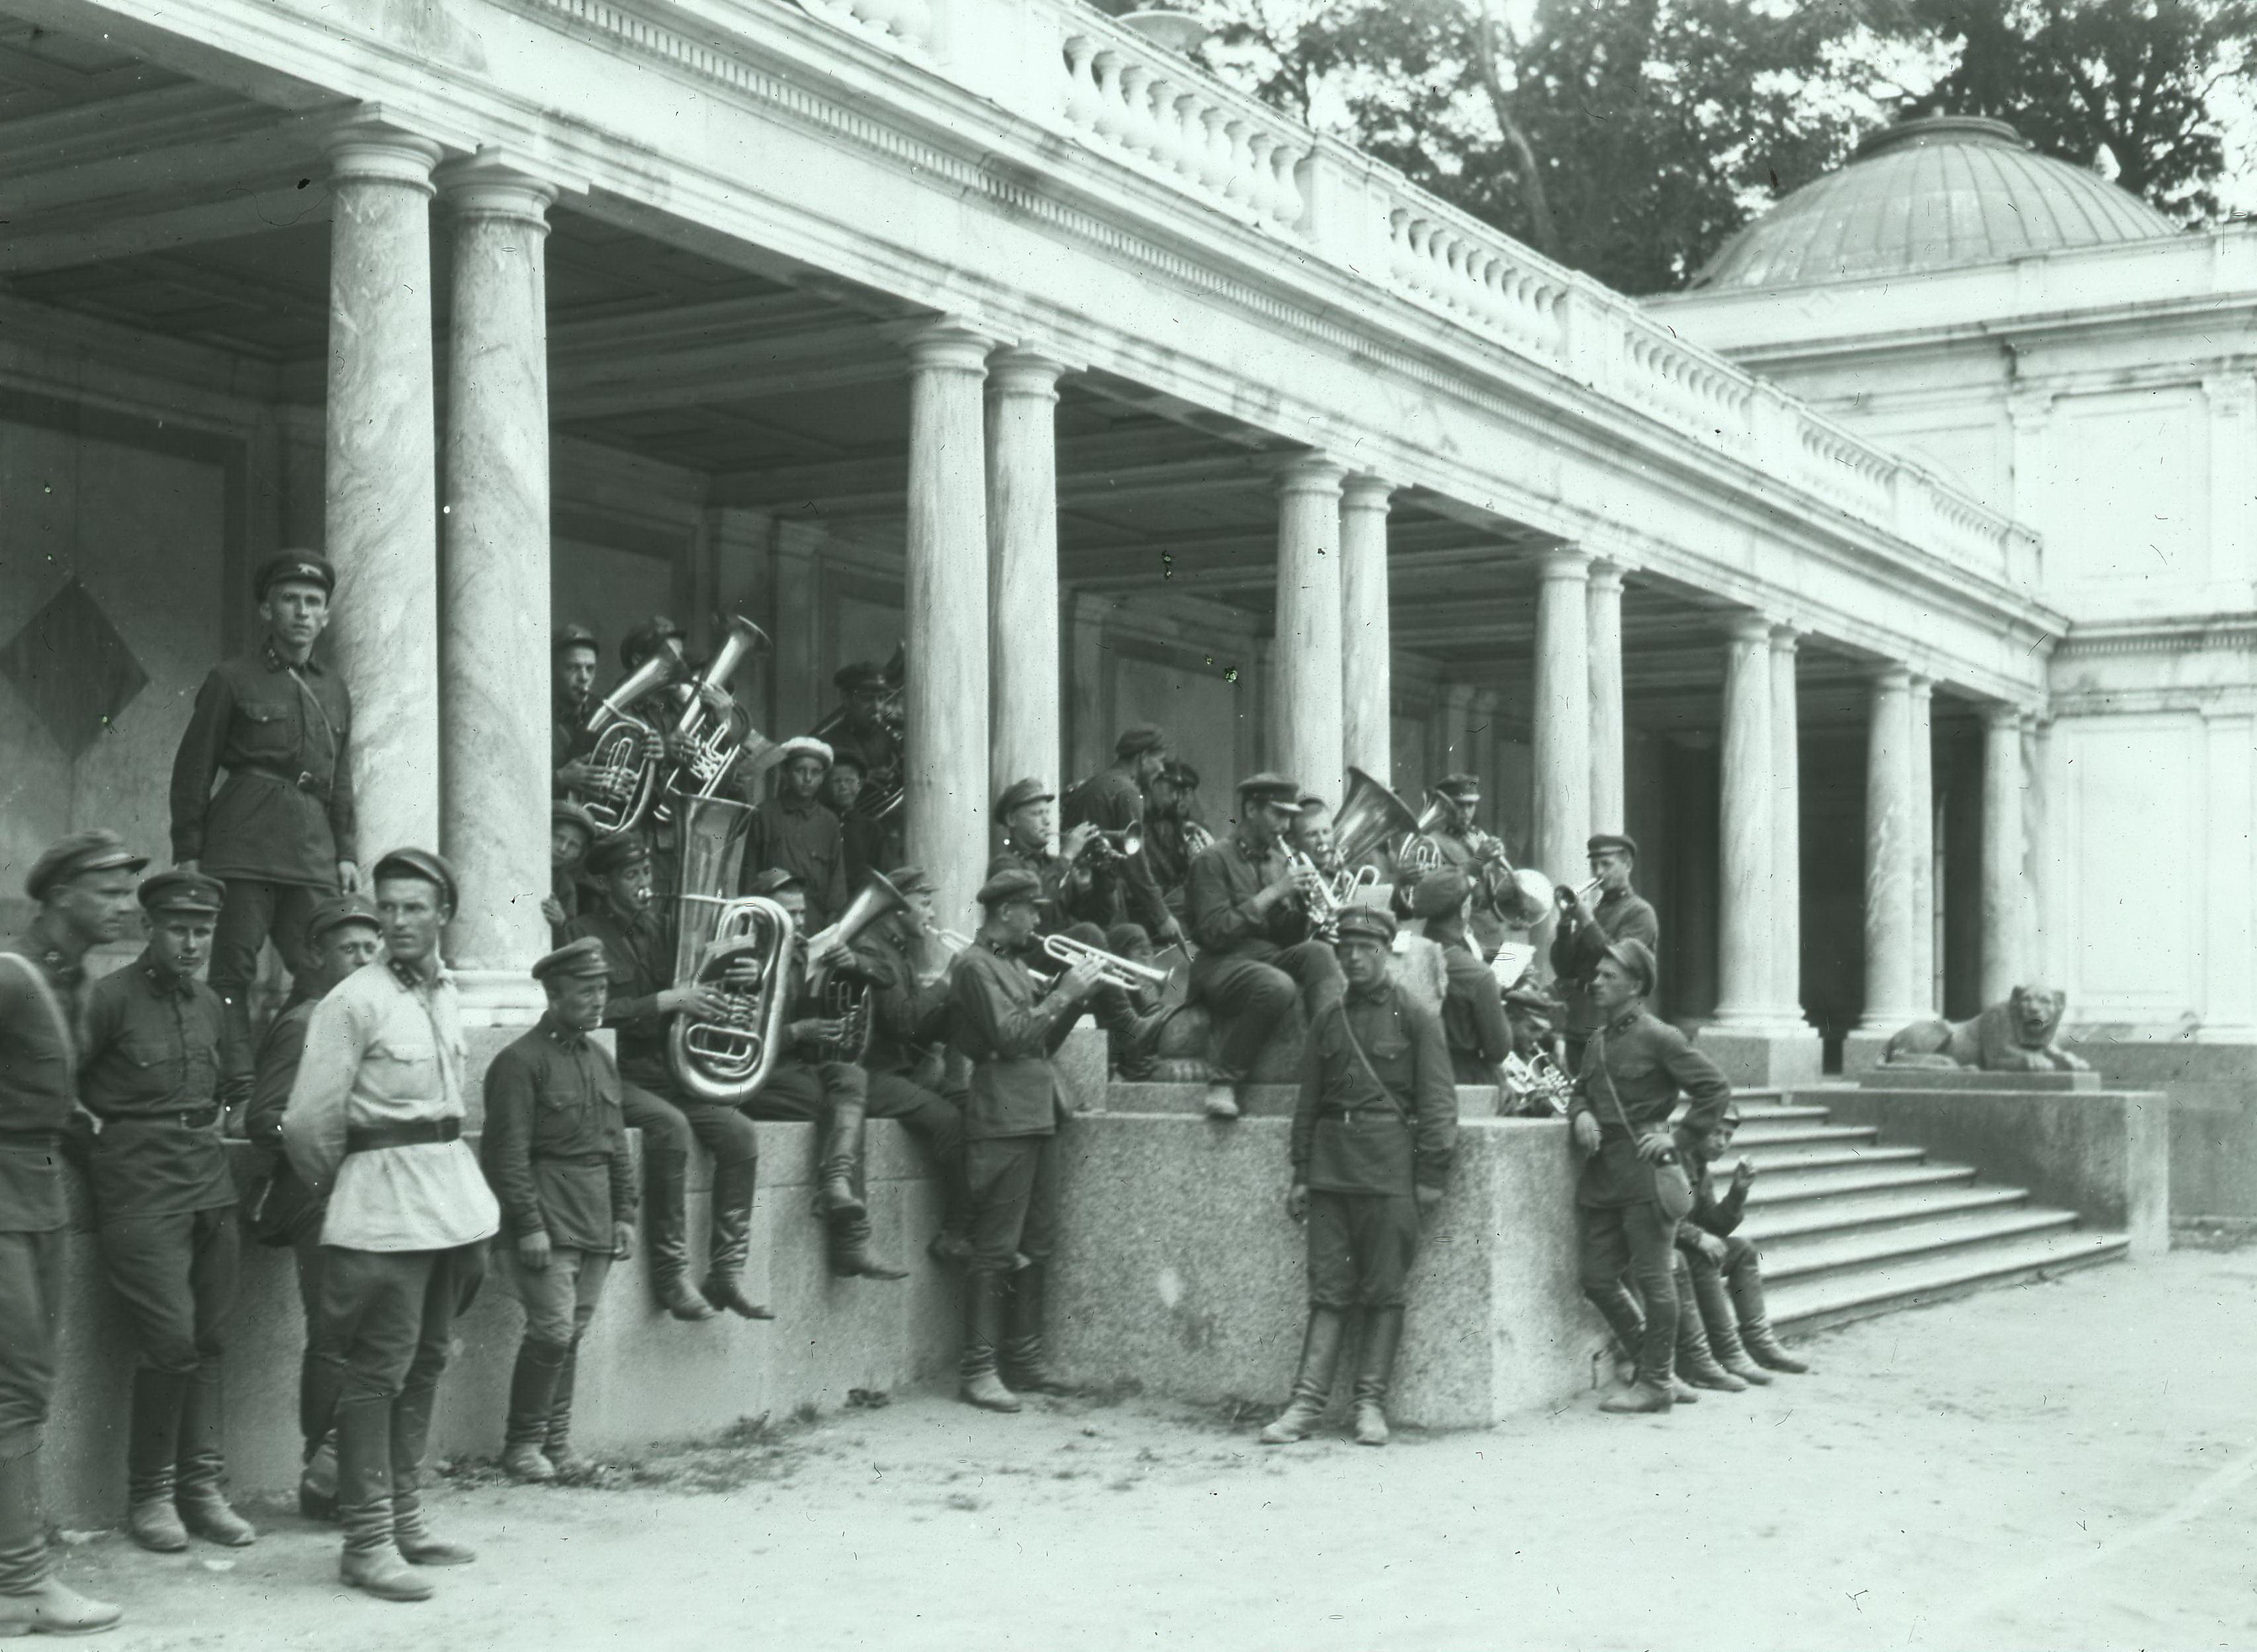 1927. Военный оркестр у Воронихинской колоннады